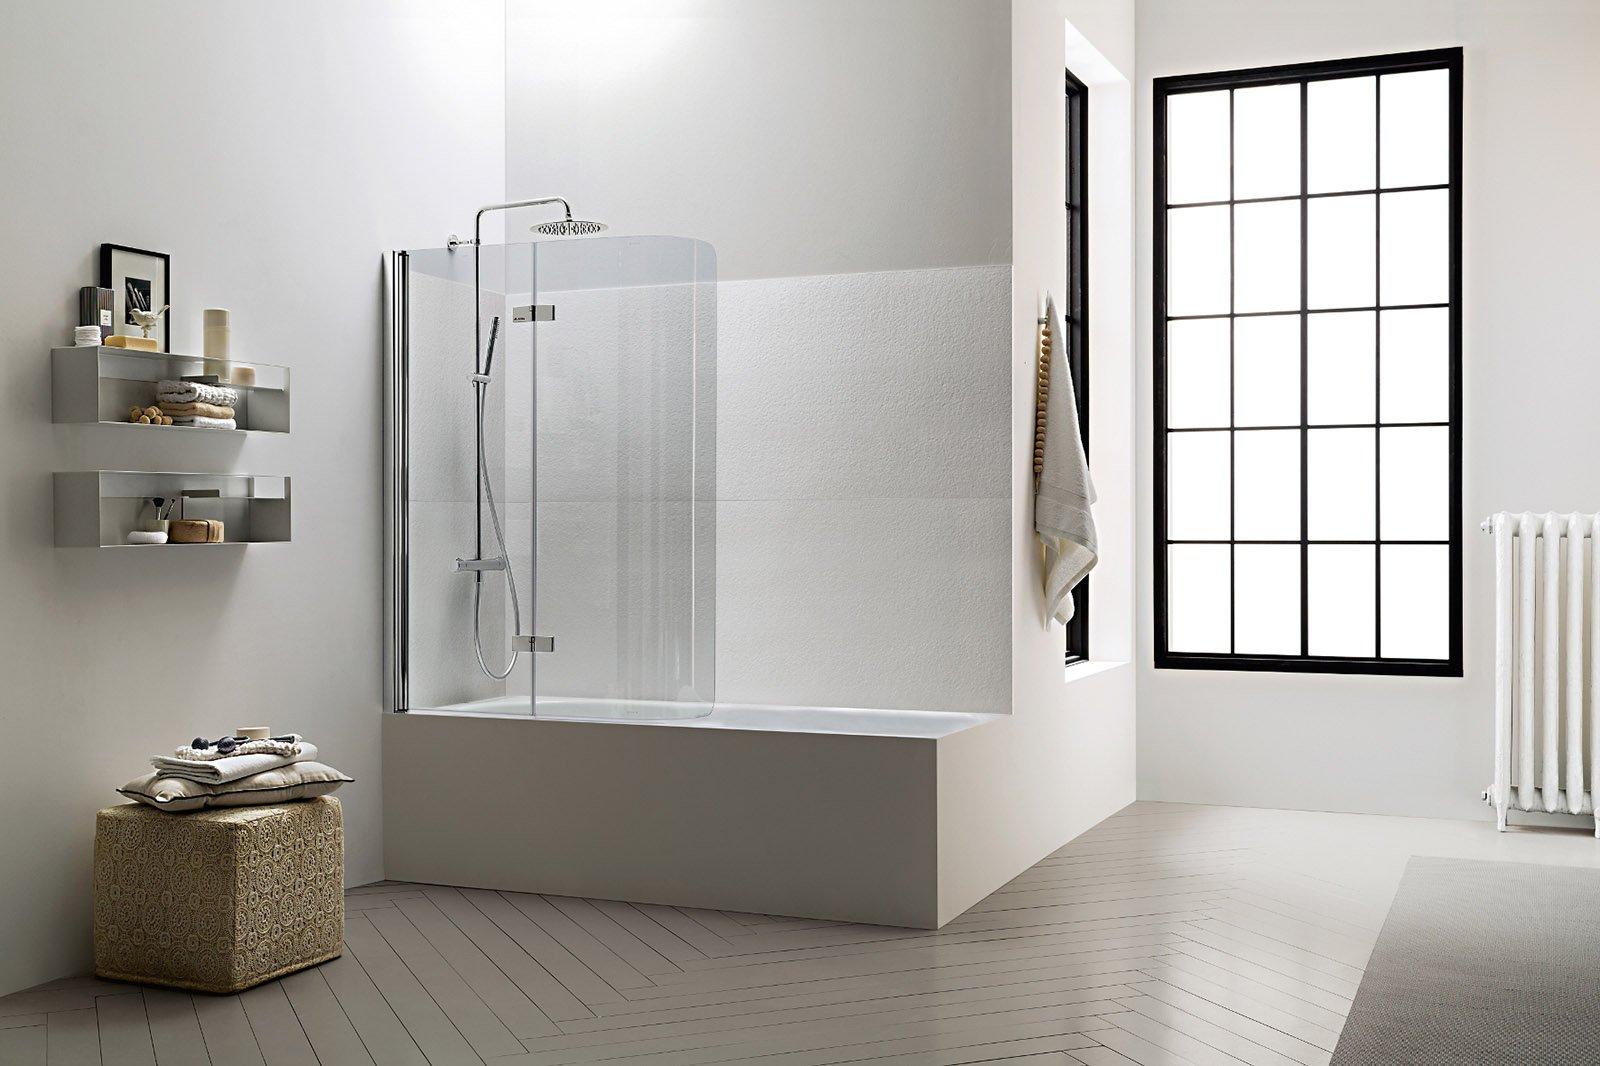 La doccia nella vasca aggiungendo un pannello cose di casa - Paraspruzzi per vasca da bagno ...